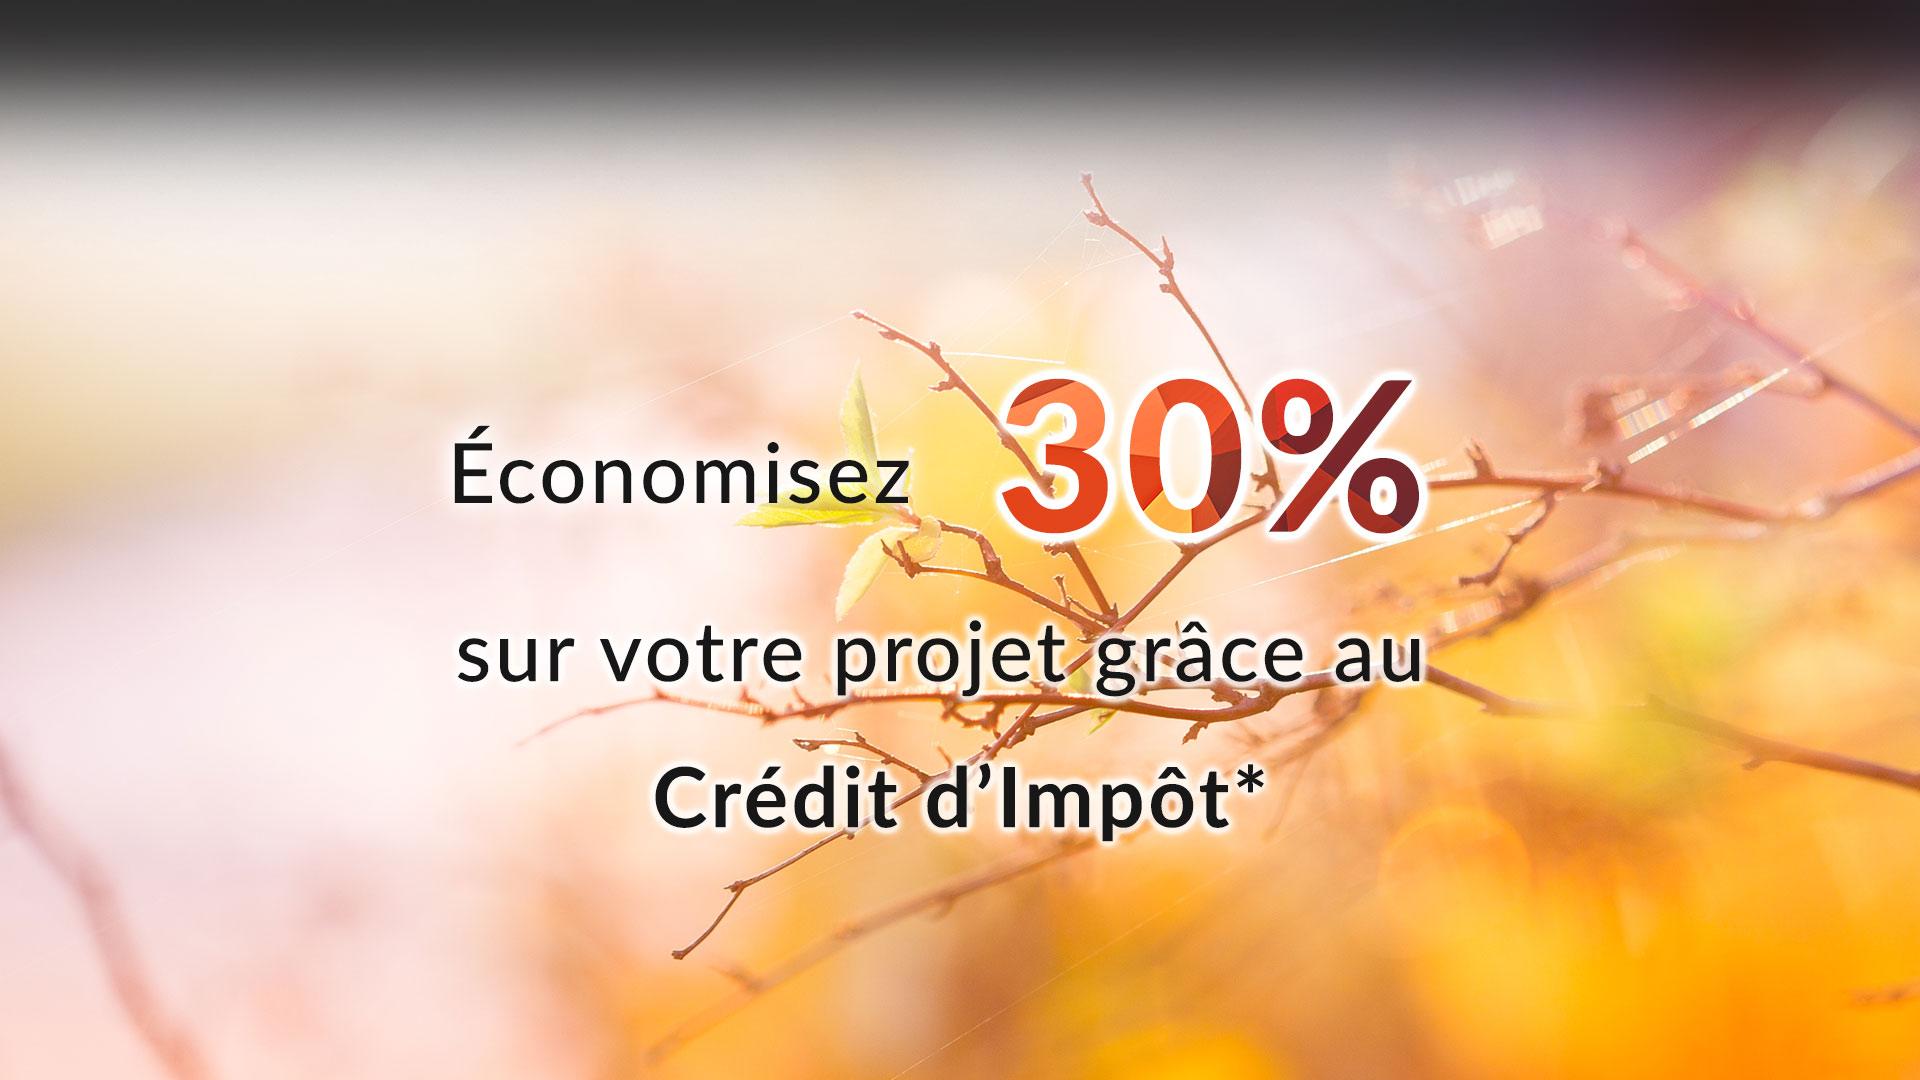 Crédit d'impôt Cogne - Fenêtres, fermetures et menuiserie Saint-Sauvert (Isère)